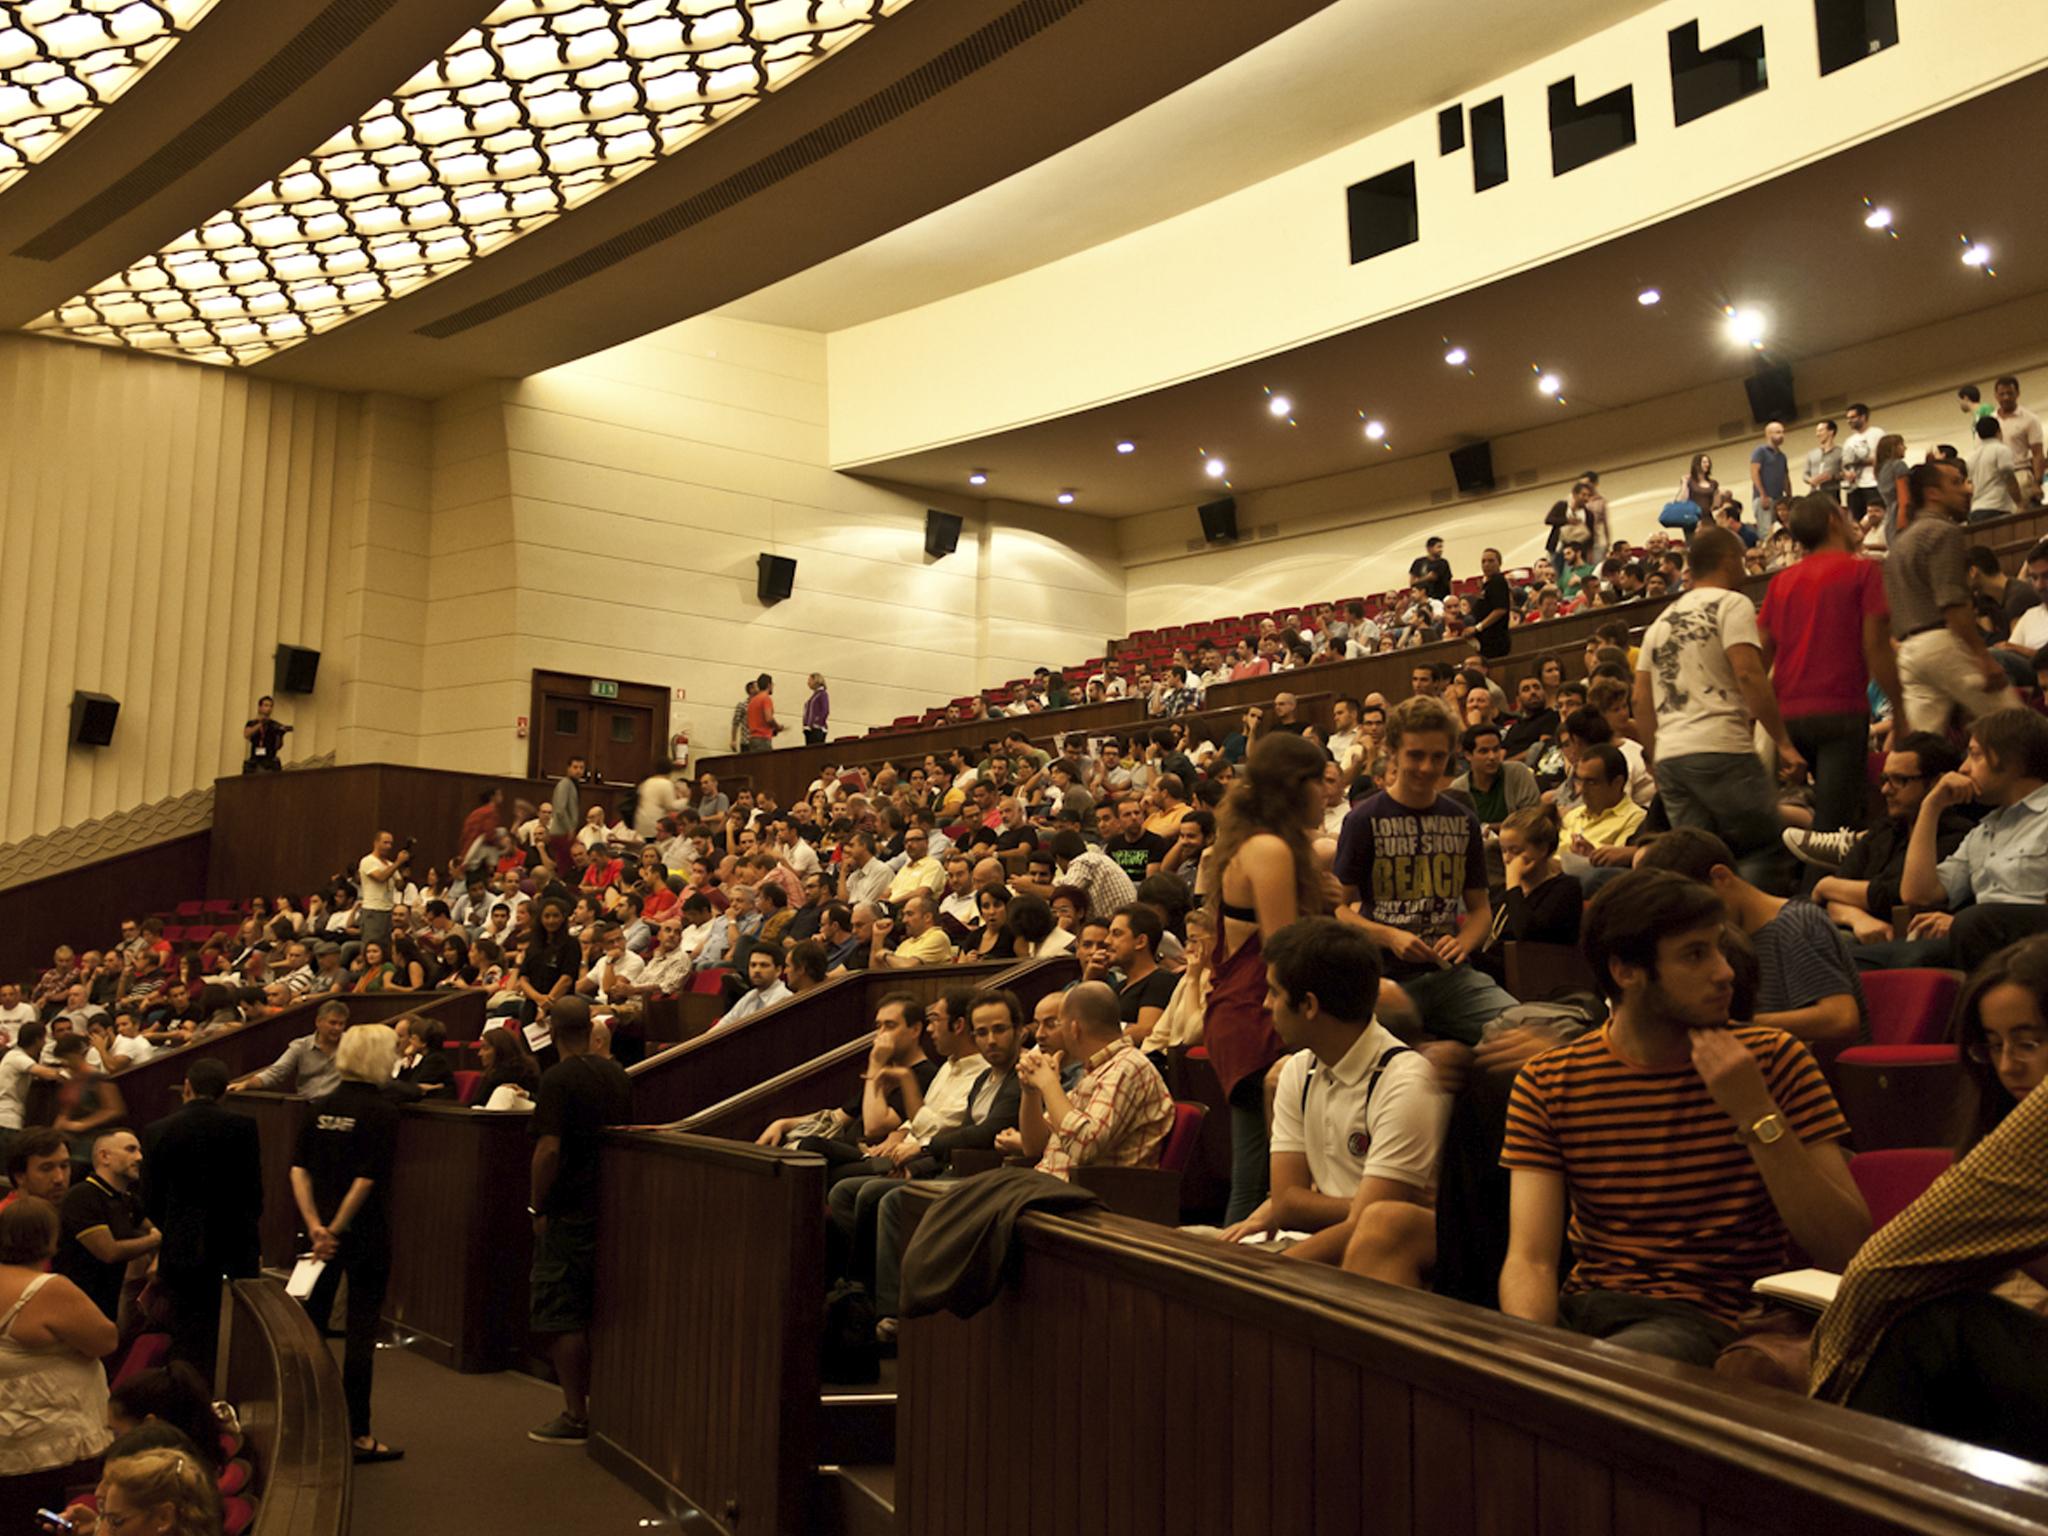 São Jorge, Cinema, Sala